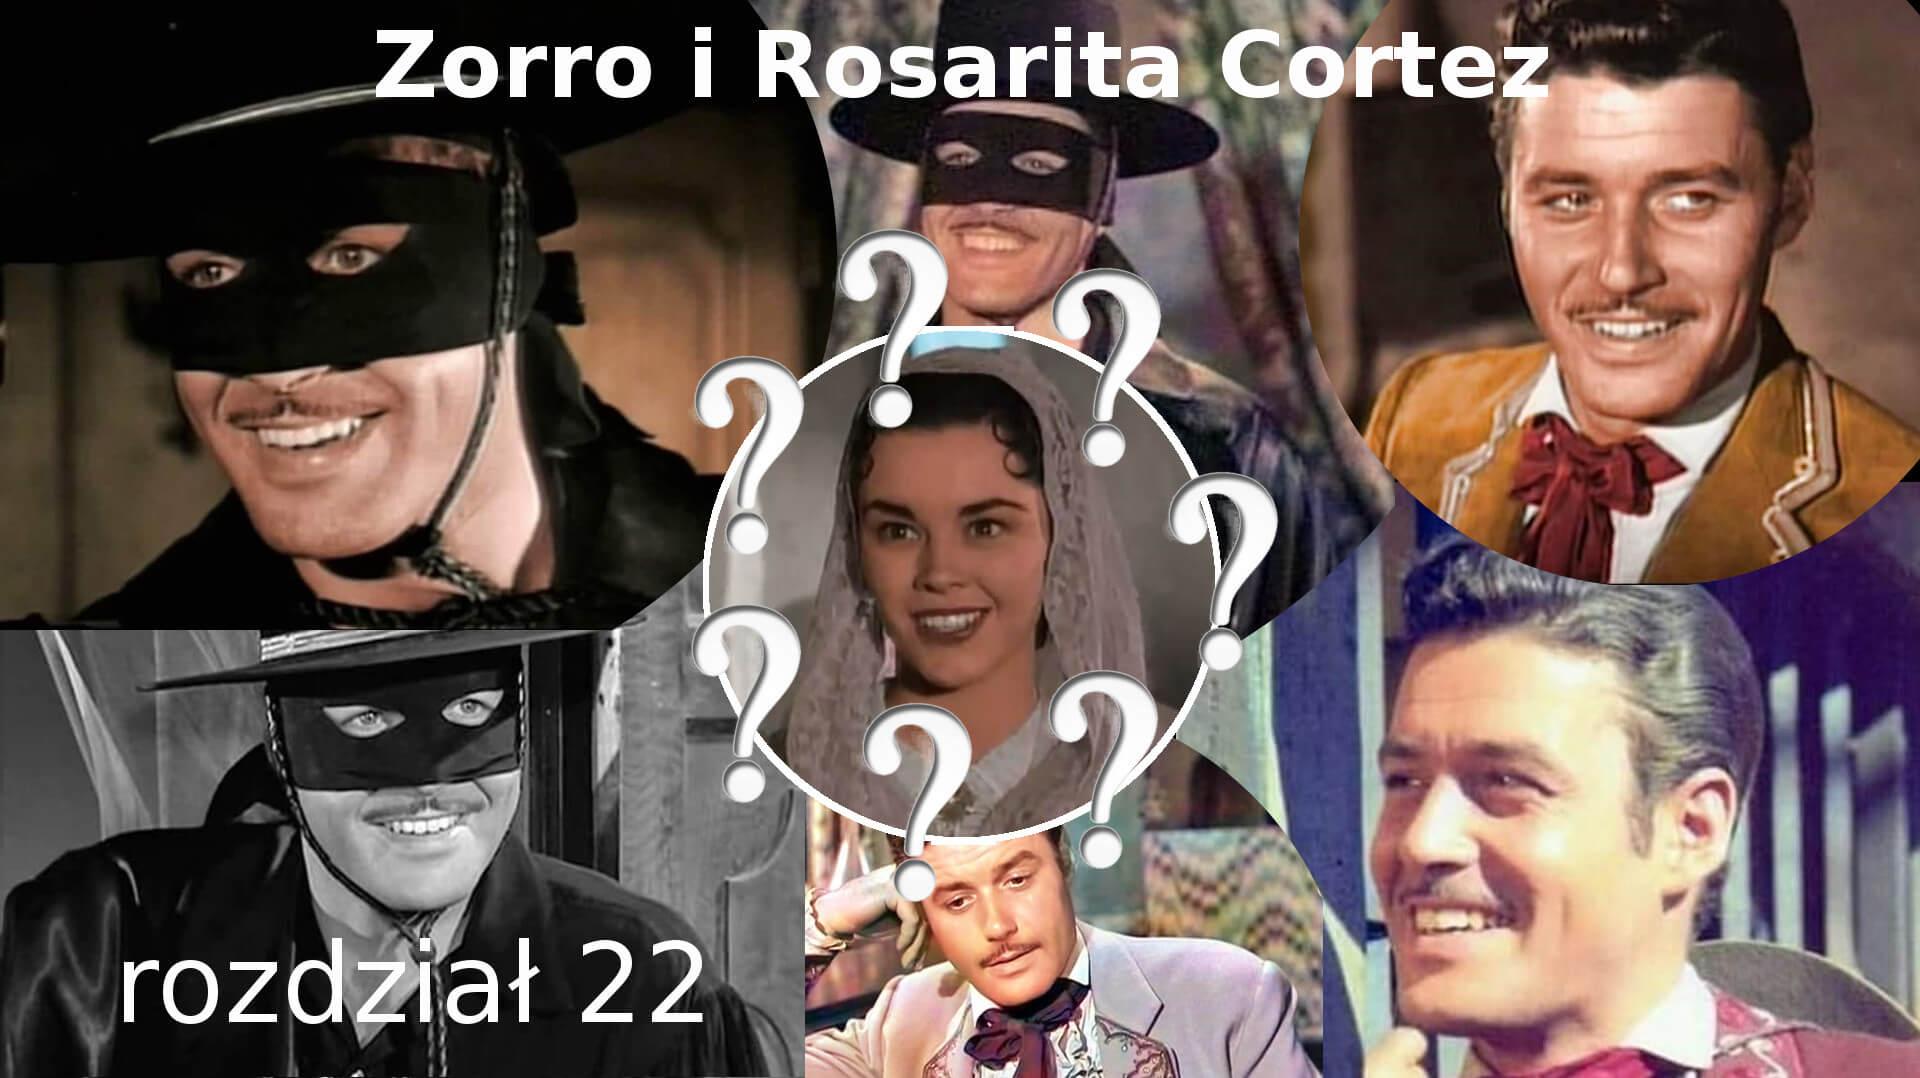 Zorro i Rosarita Cortez rozdział 22 Zorro fanfiction